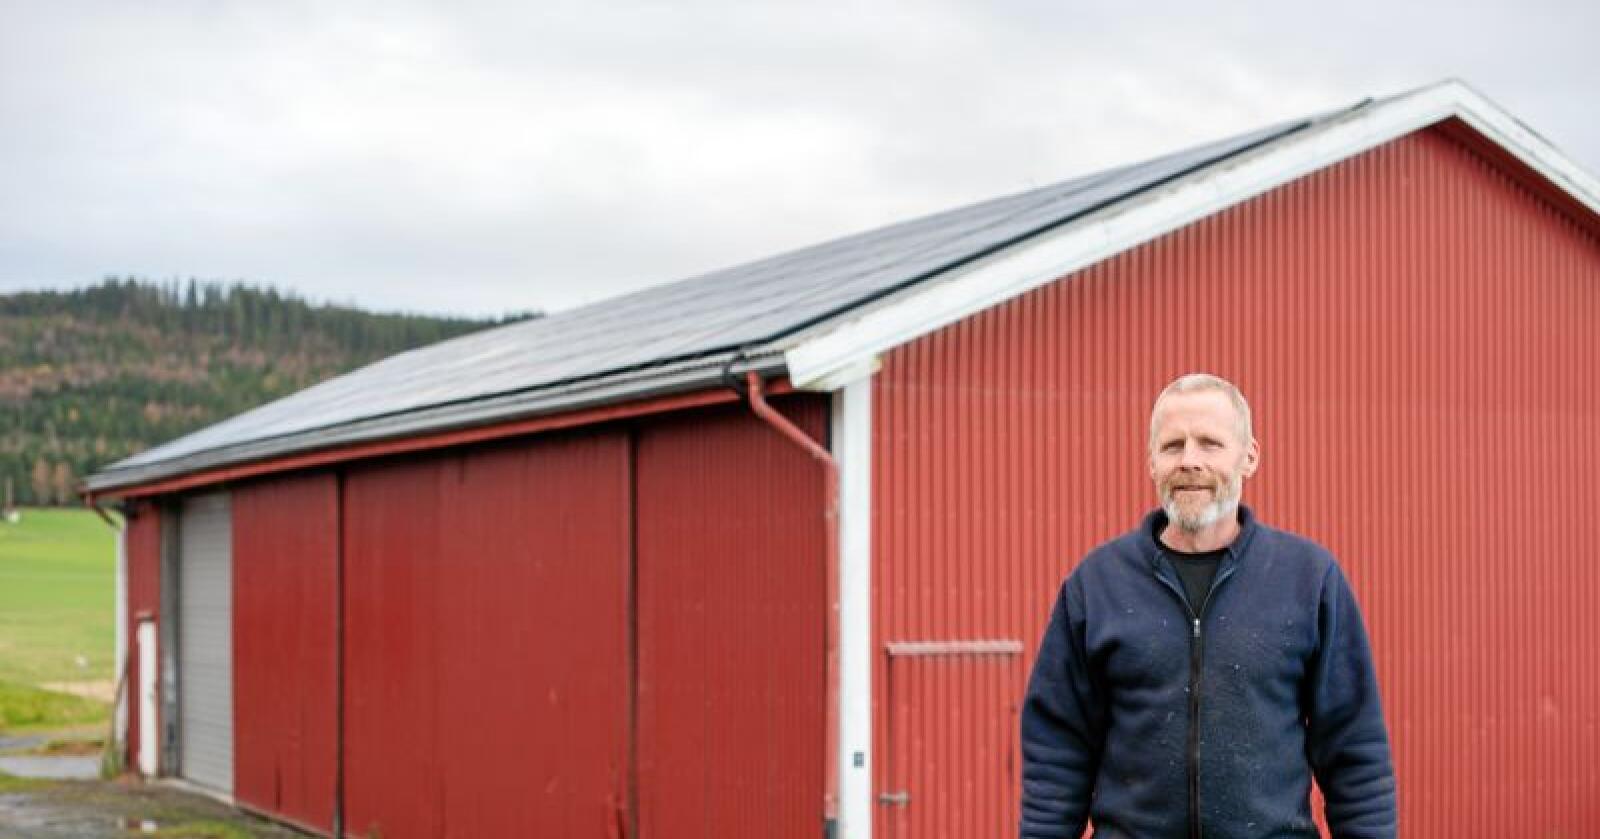 Avgjørende støtte: Gårdbruker Odd Anders Amdahl fikk dekket nesten en halv million kroner da han la 400 kvadratmeter med solcellepaneler på takene sine. Han sier det var hans miljøbevisste onkel som fikk han til å investere i grønn energi. Solcelleanlegget han skal være i stand til å levere omtrent 53.000 kWh årlig. Alle foto: Håvard Zeiner